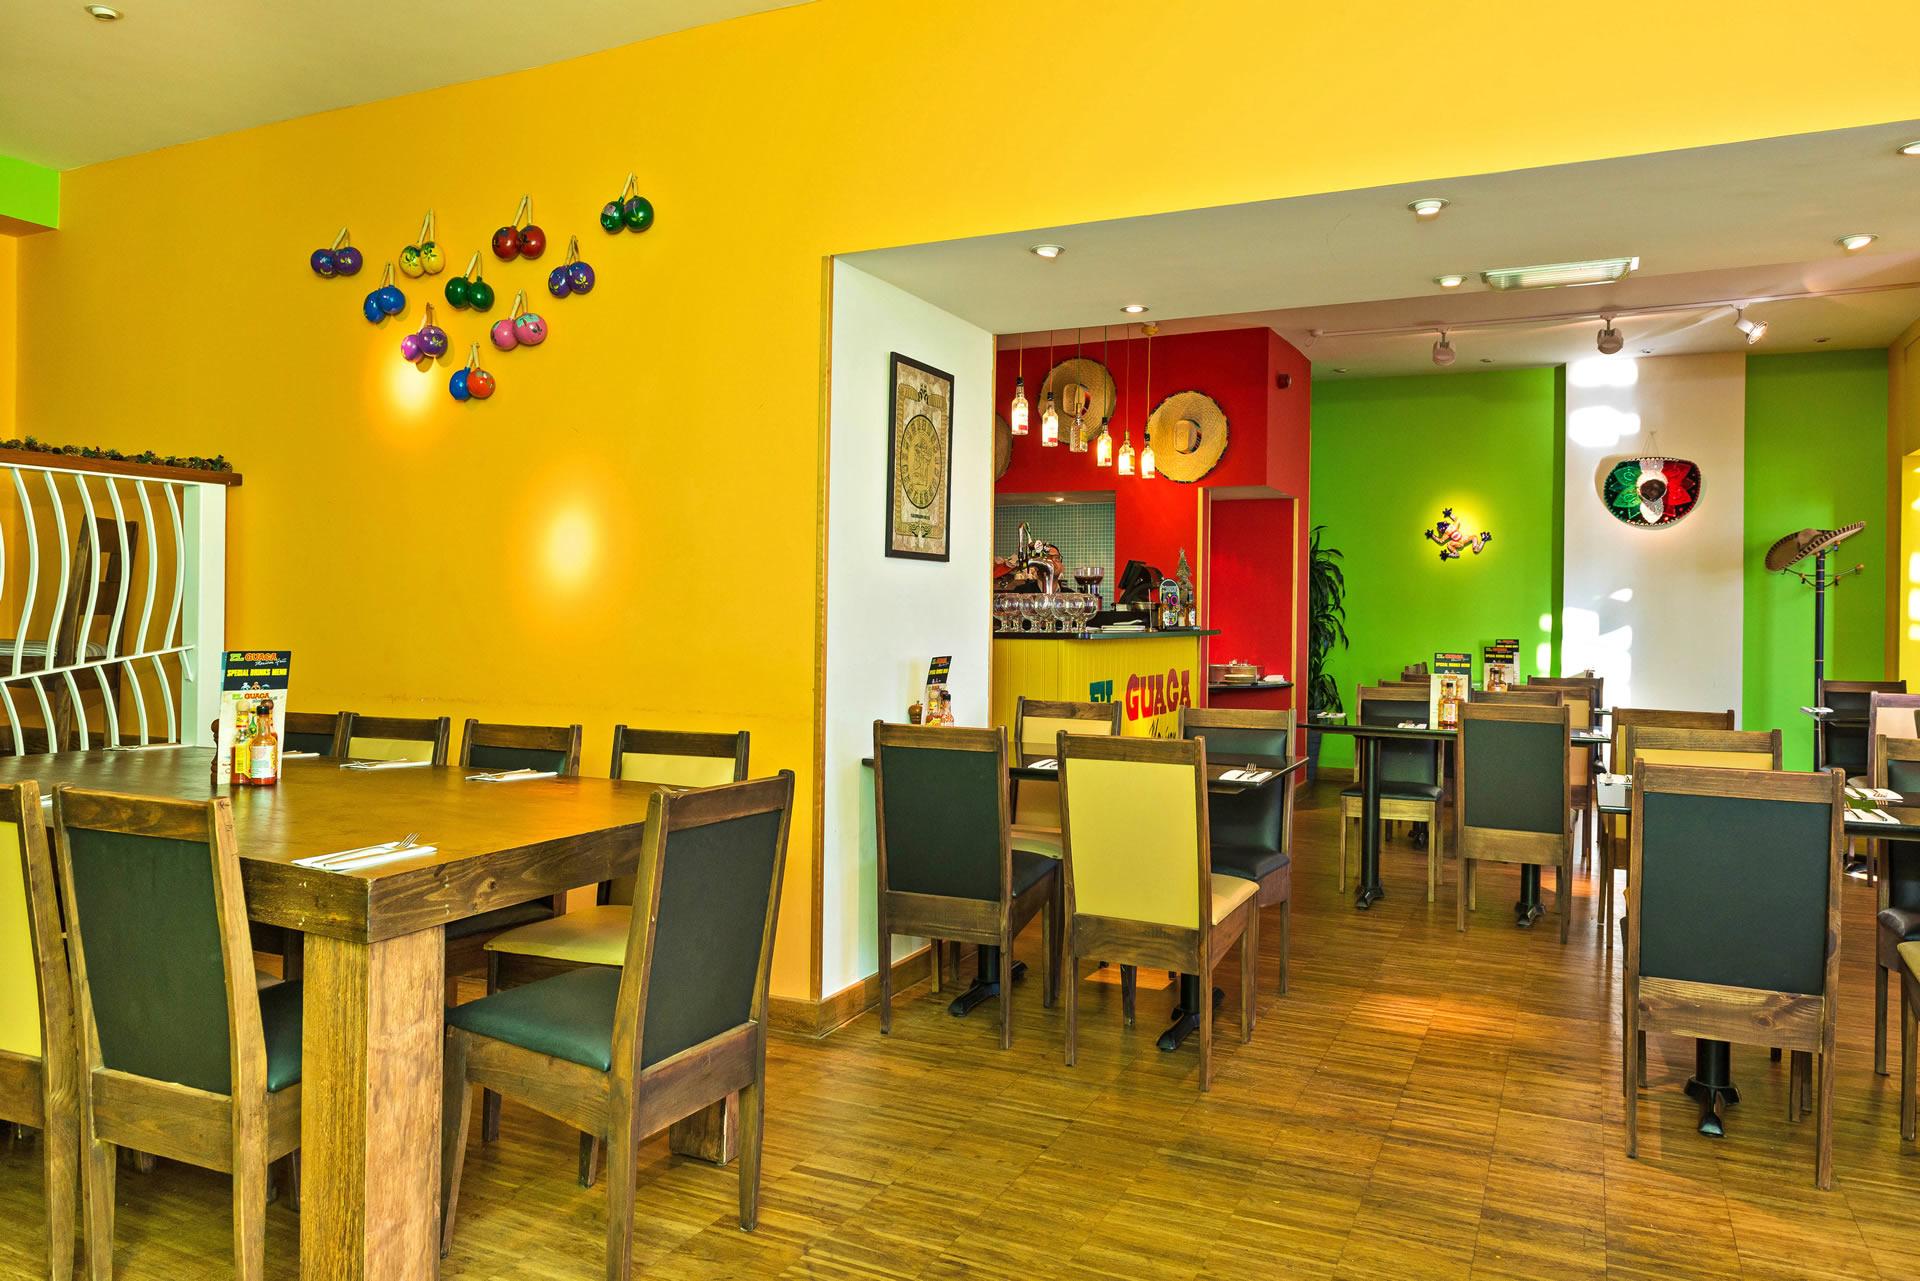 El Guaca - Maldon Restaurant